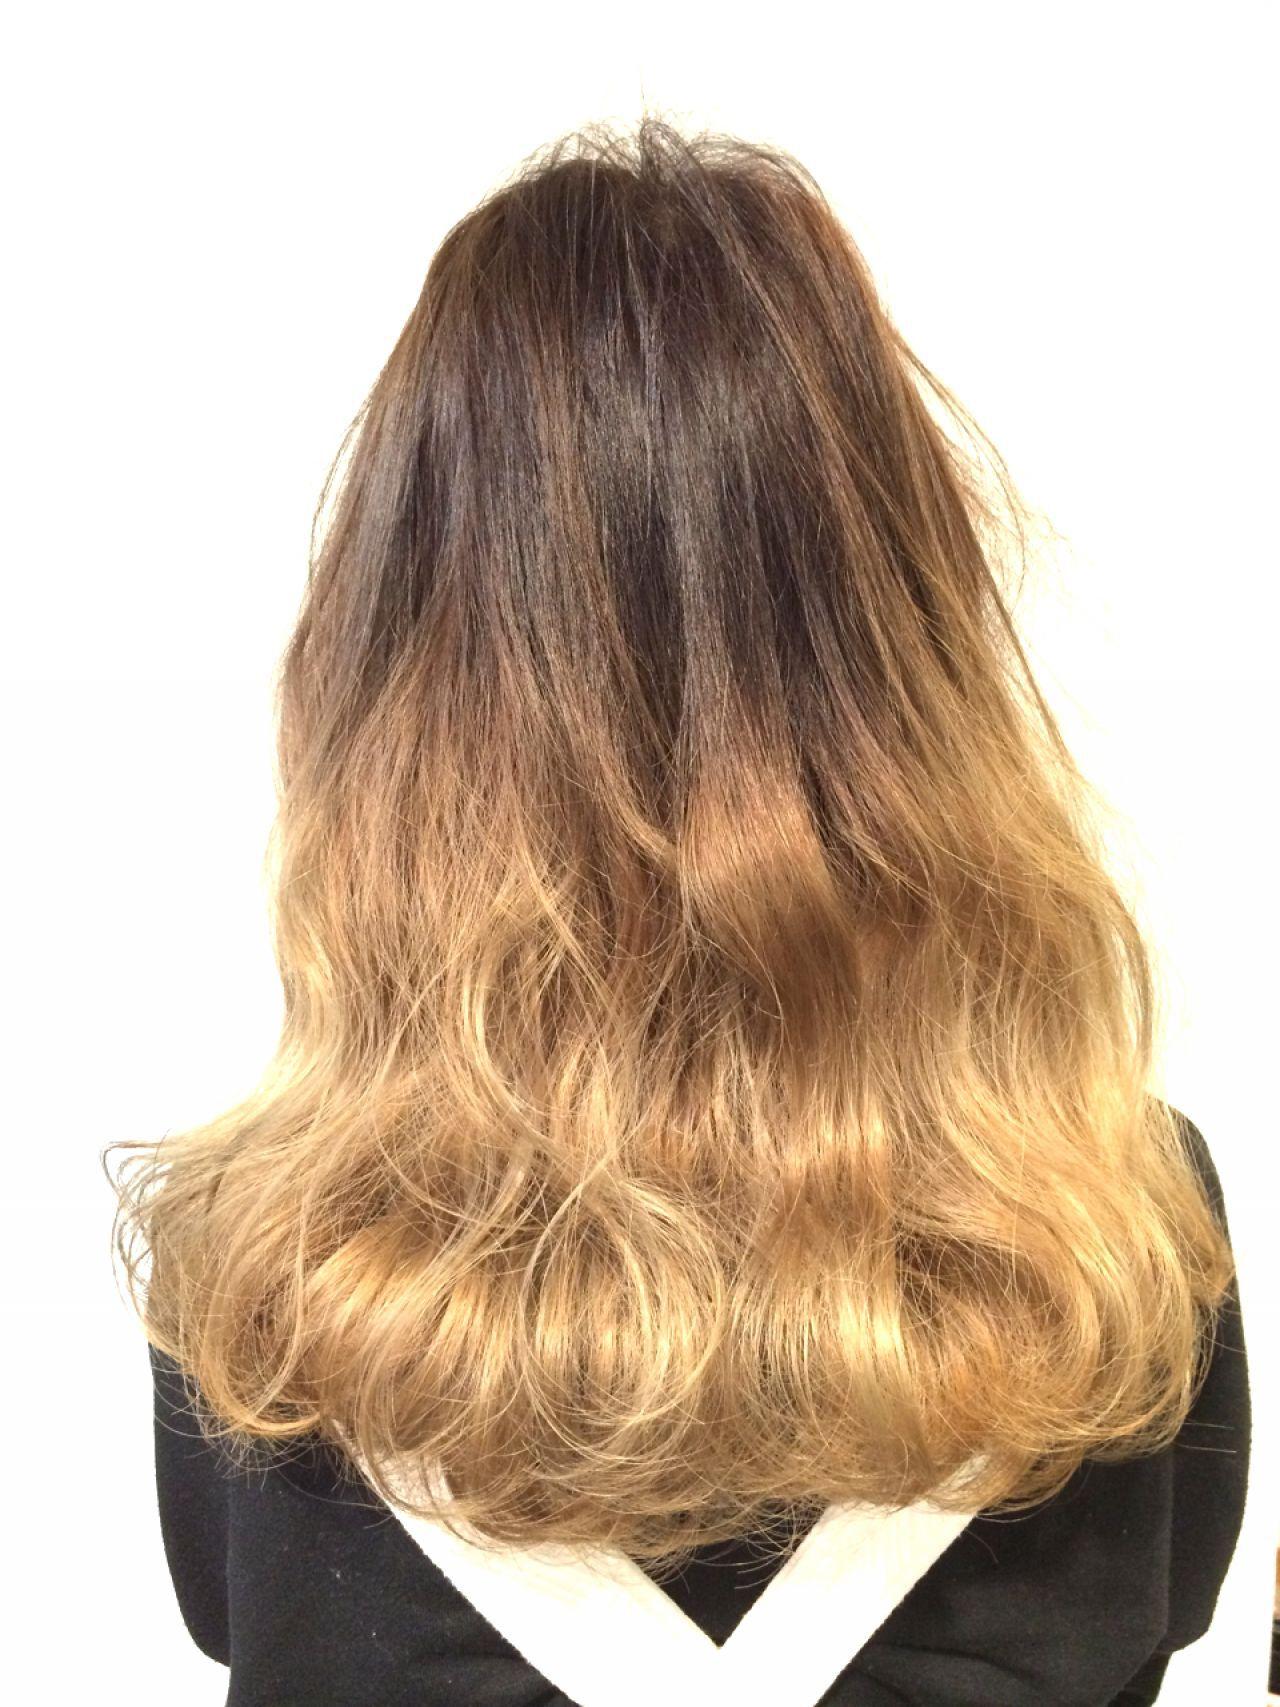 グラデーションカラー アッシュベージュ アッシュ ウェーブヘアスタイルや髪型の写真・画像